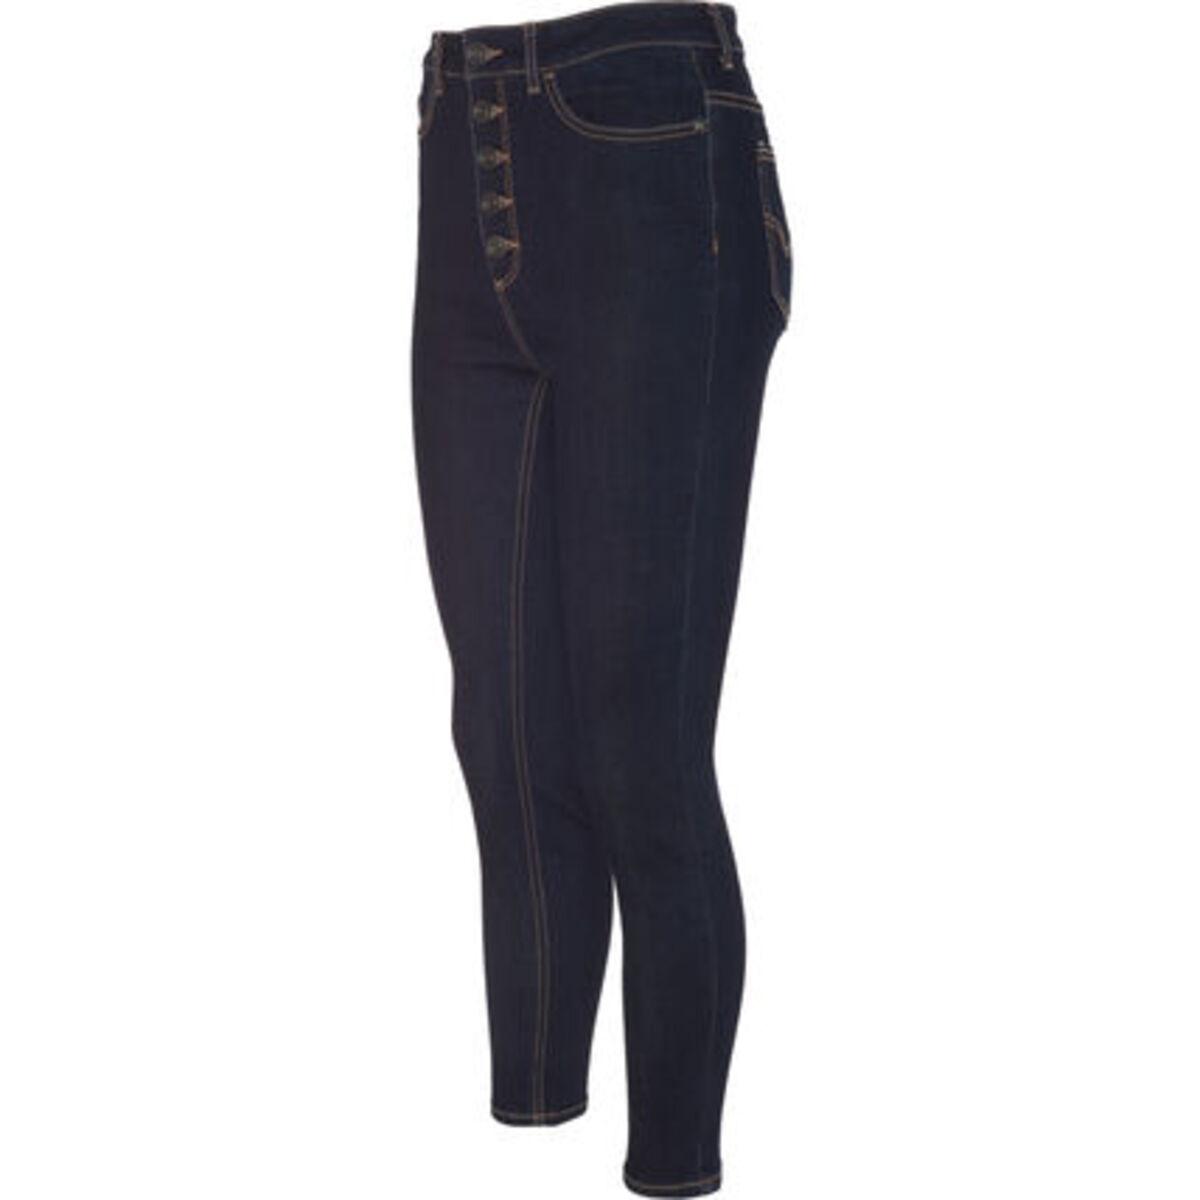 Bild 2 von MANGUUN Jeans, Skinny Fit, Kontrastnähte, für Damen